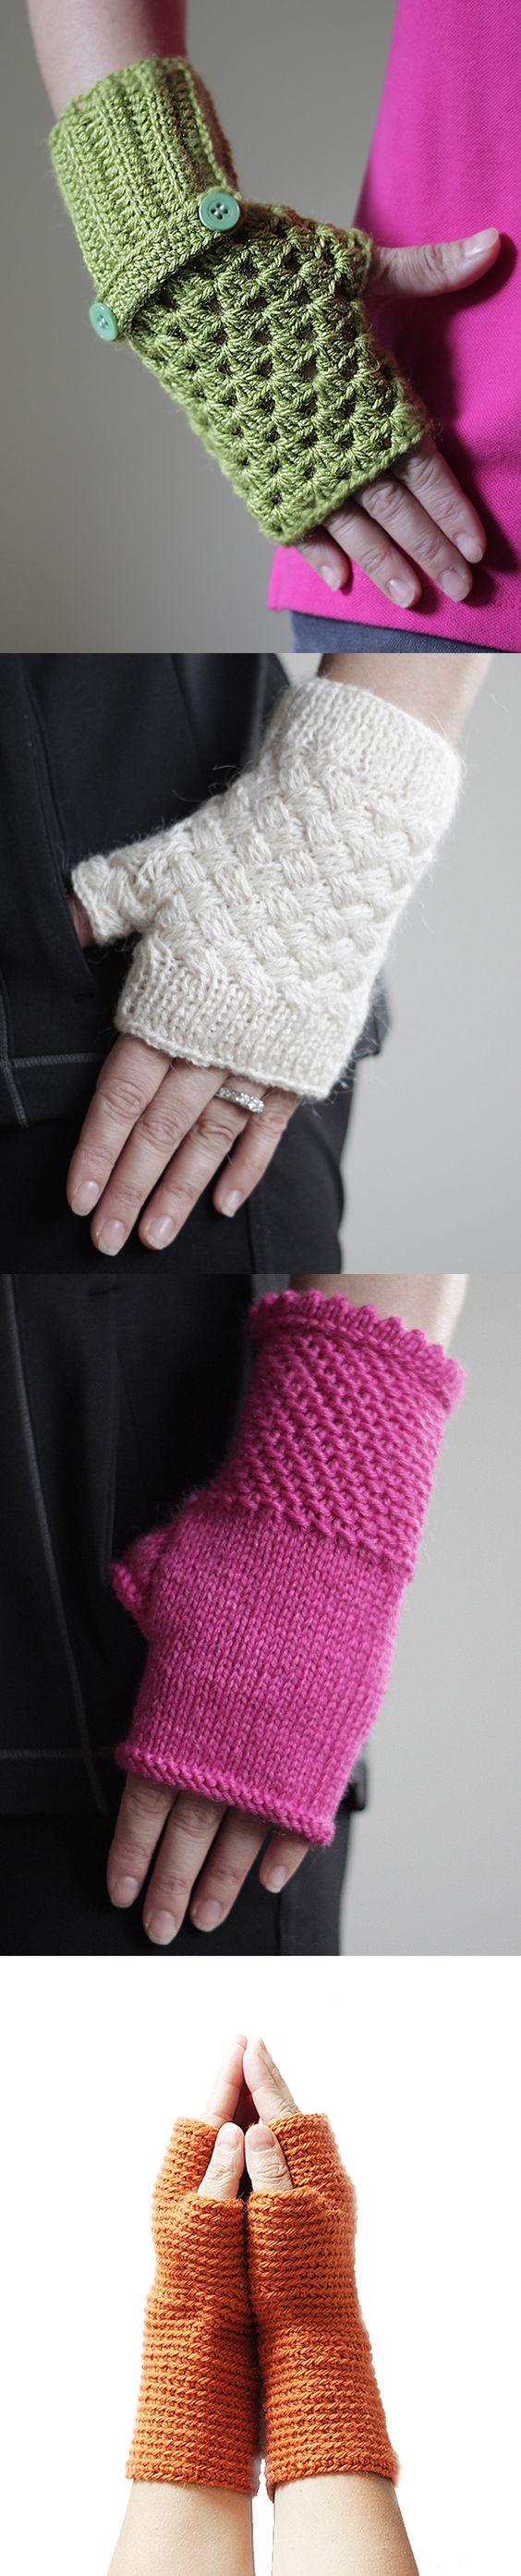 Crochet Fingerless Gloves - Winter Mittens - Wrist Warmers